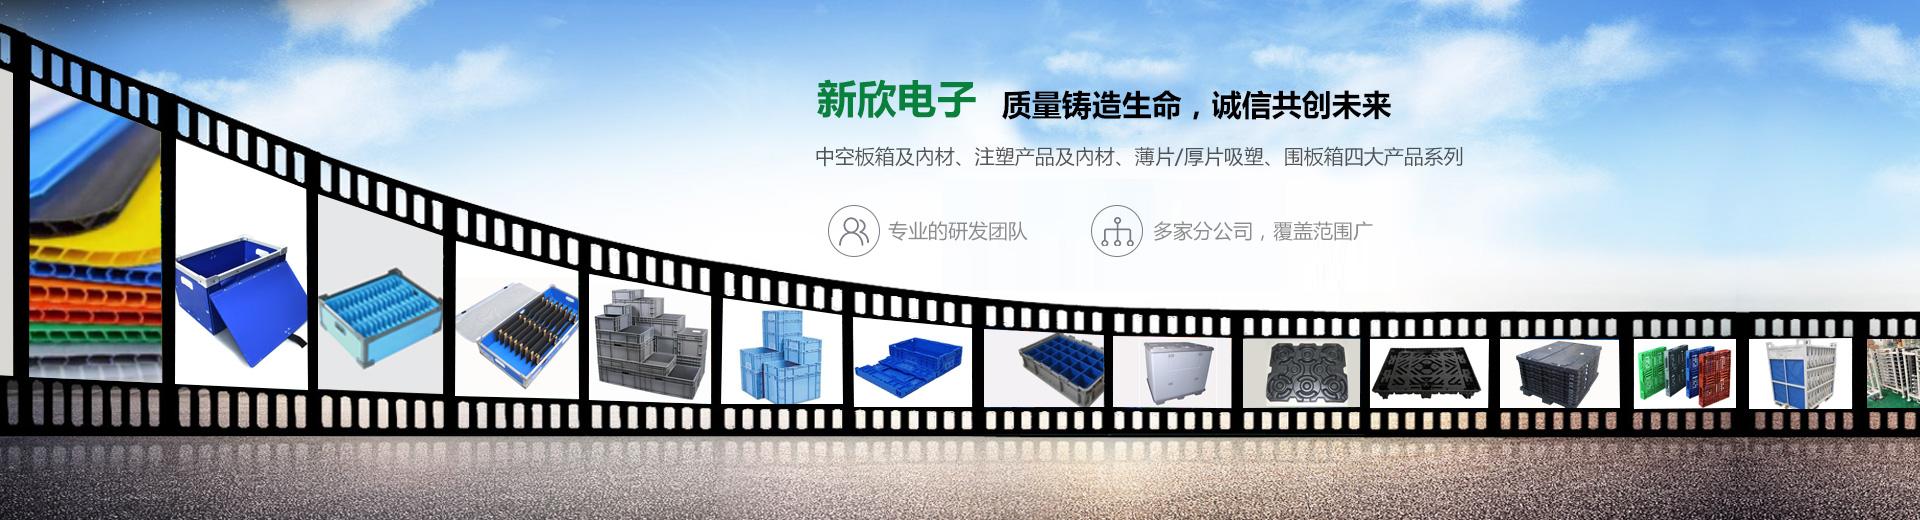 苏州工业园区新欣电子科技有限公司